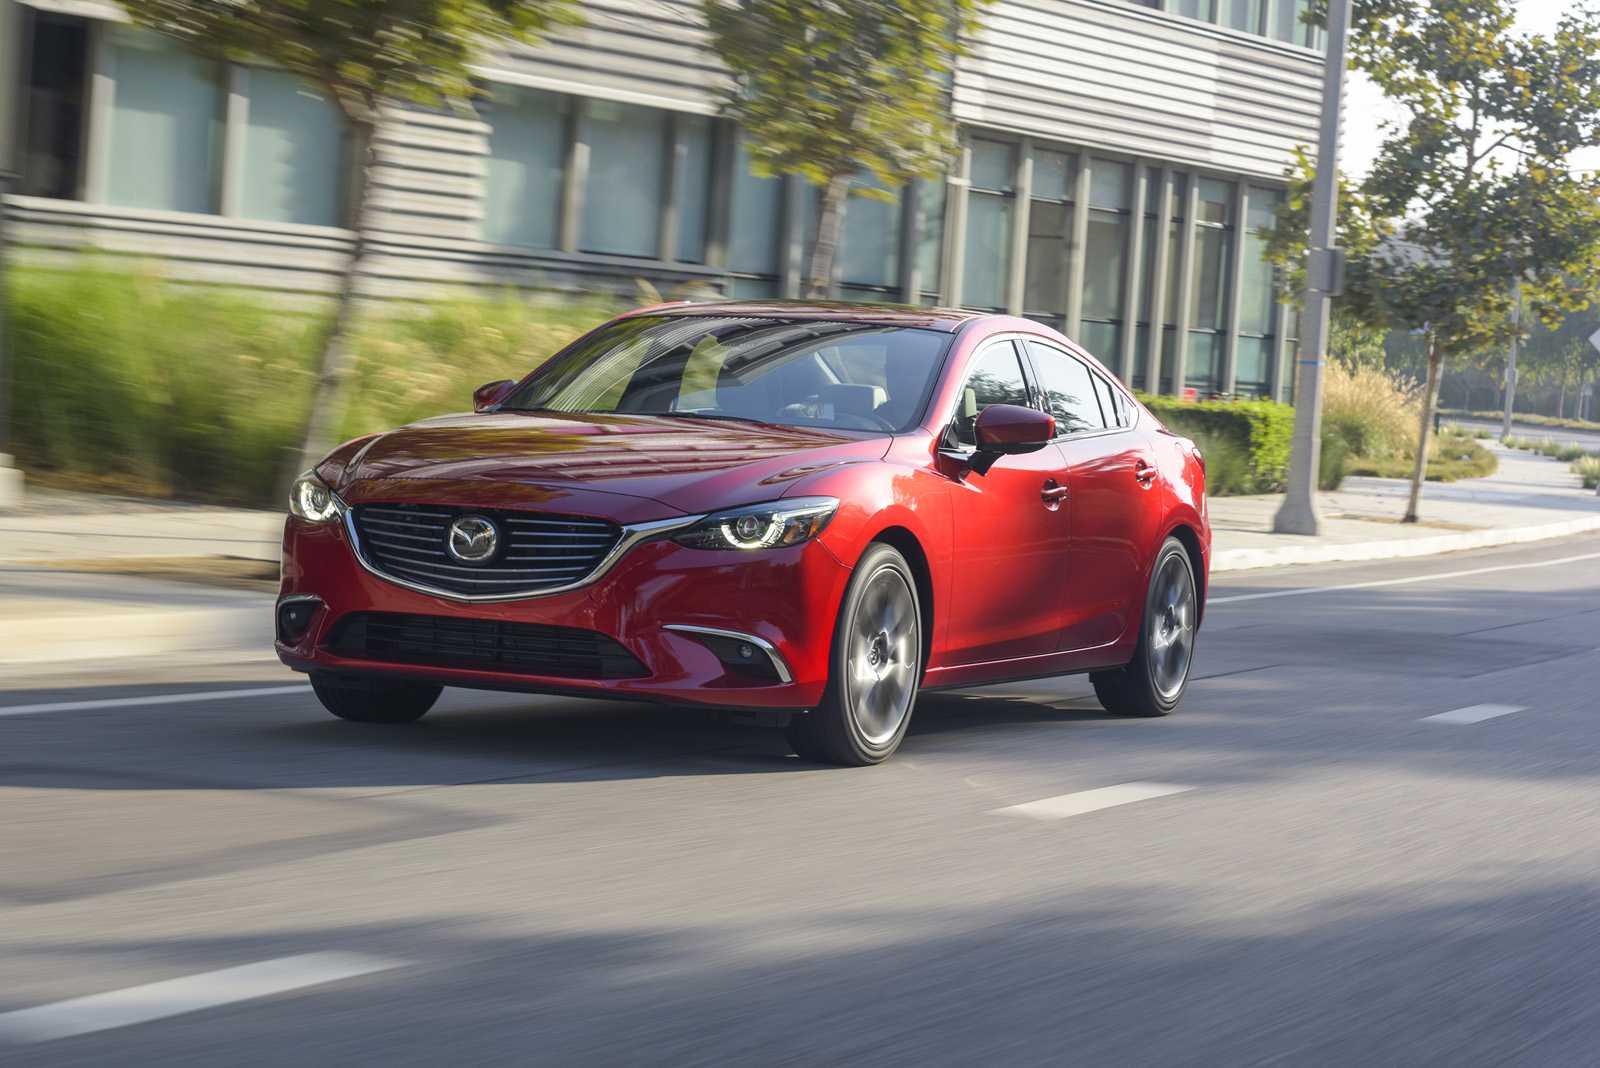 Mazda mazda6 2-й рестайлинг 2019, универсал, 3 поколение (07.2019 - н.в.) - технические характеристики и комплектации